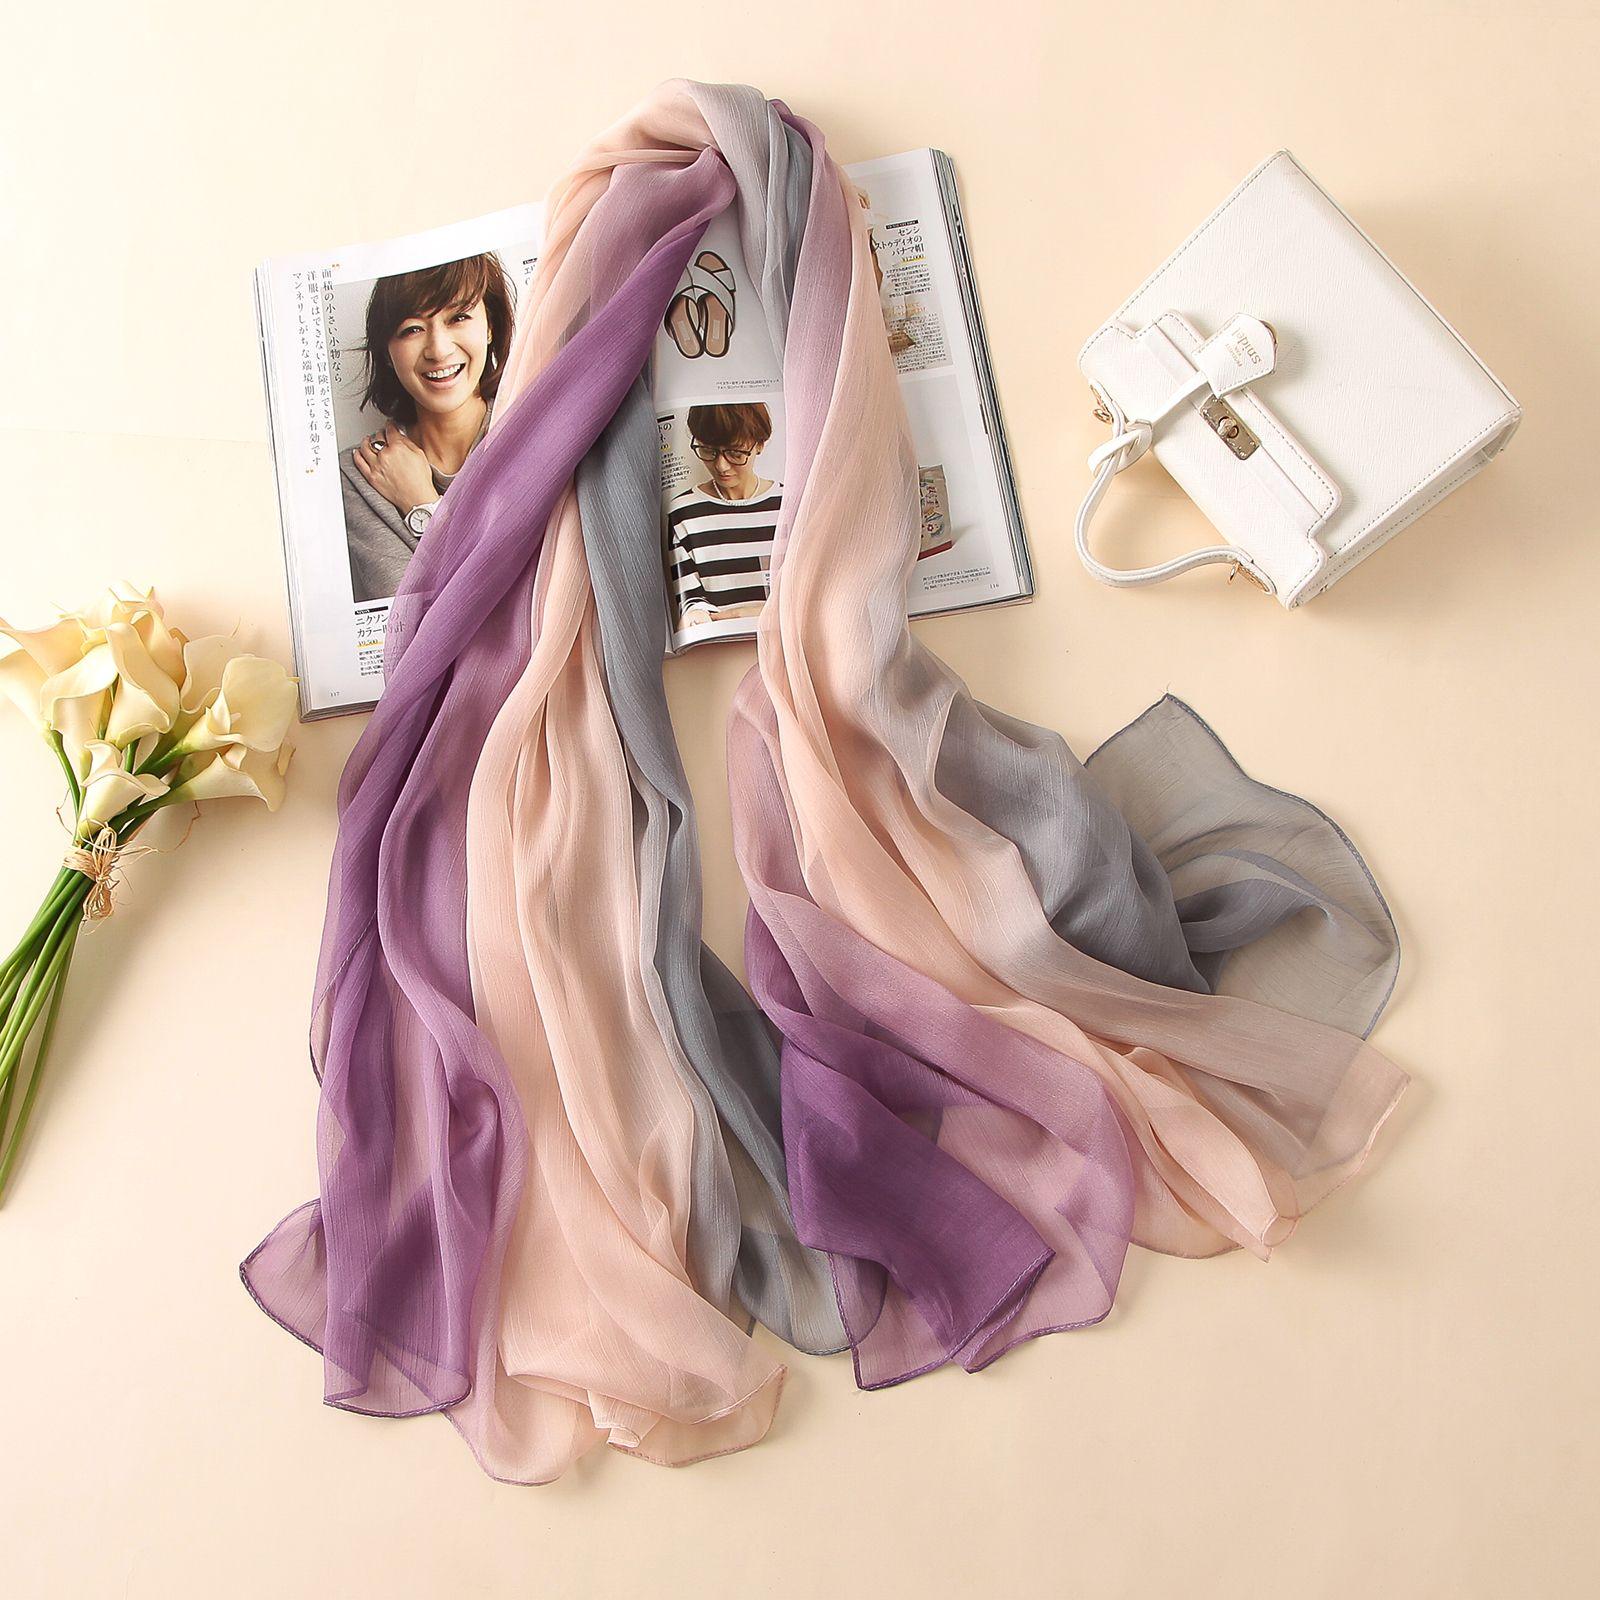 2018 d'été femmes écharpe de mode doux Crépon couleur bonbon foulards en soie châles pashmina dame bouchons femelle bandanas grand Foulard